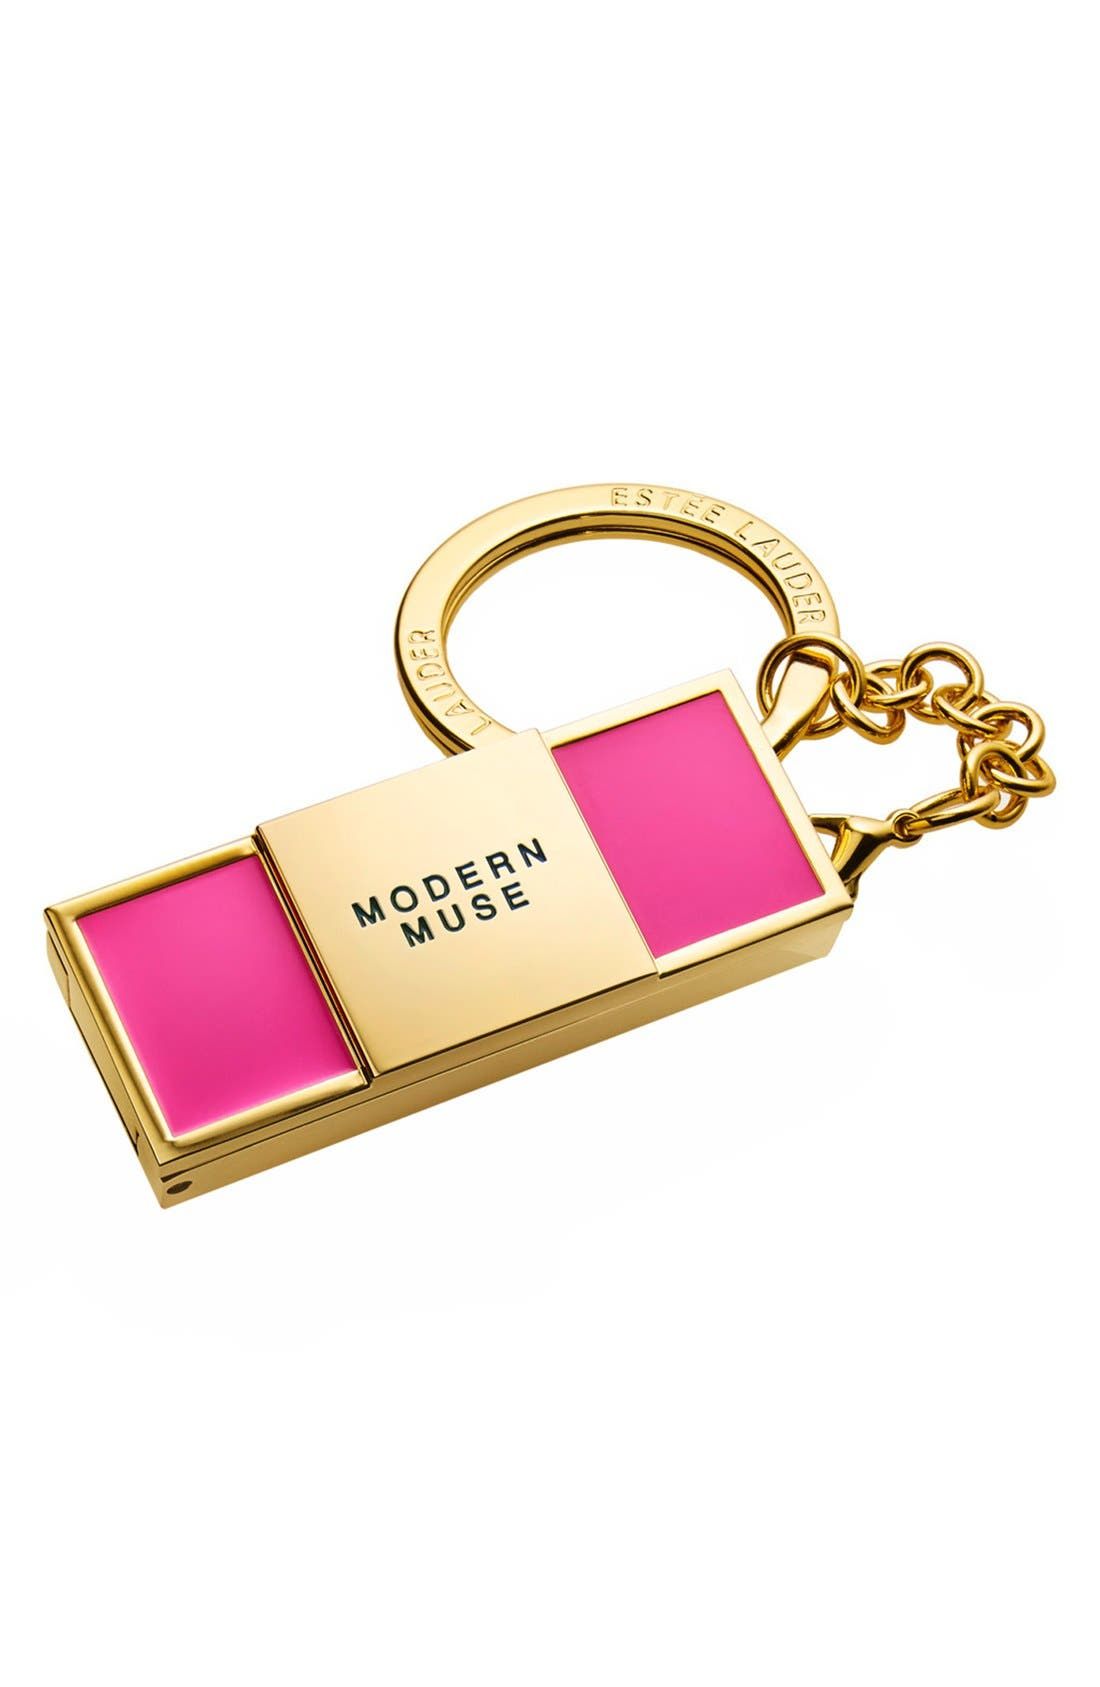 ESTÉE LAUDER 'Evelyn Lauder & Elizabeth Hurley Dream Pink -Modern Muse' Solid Perfume Keychain, Main, color, 000